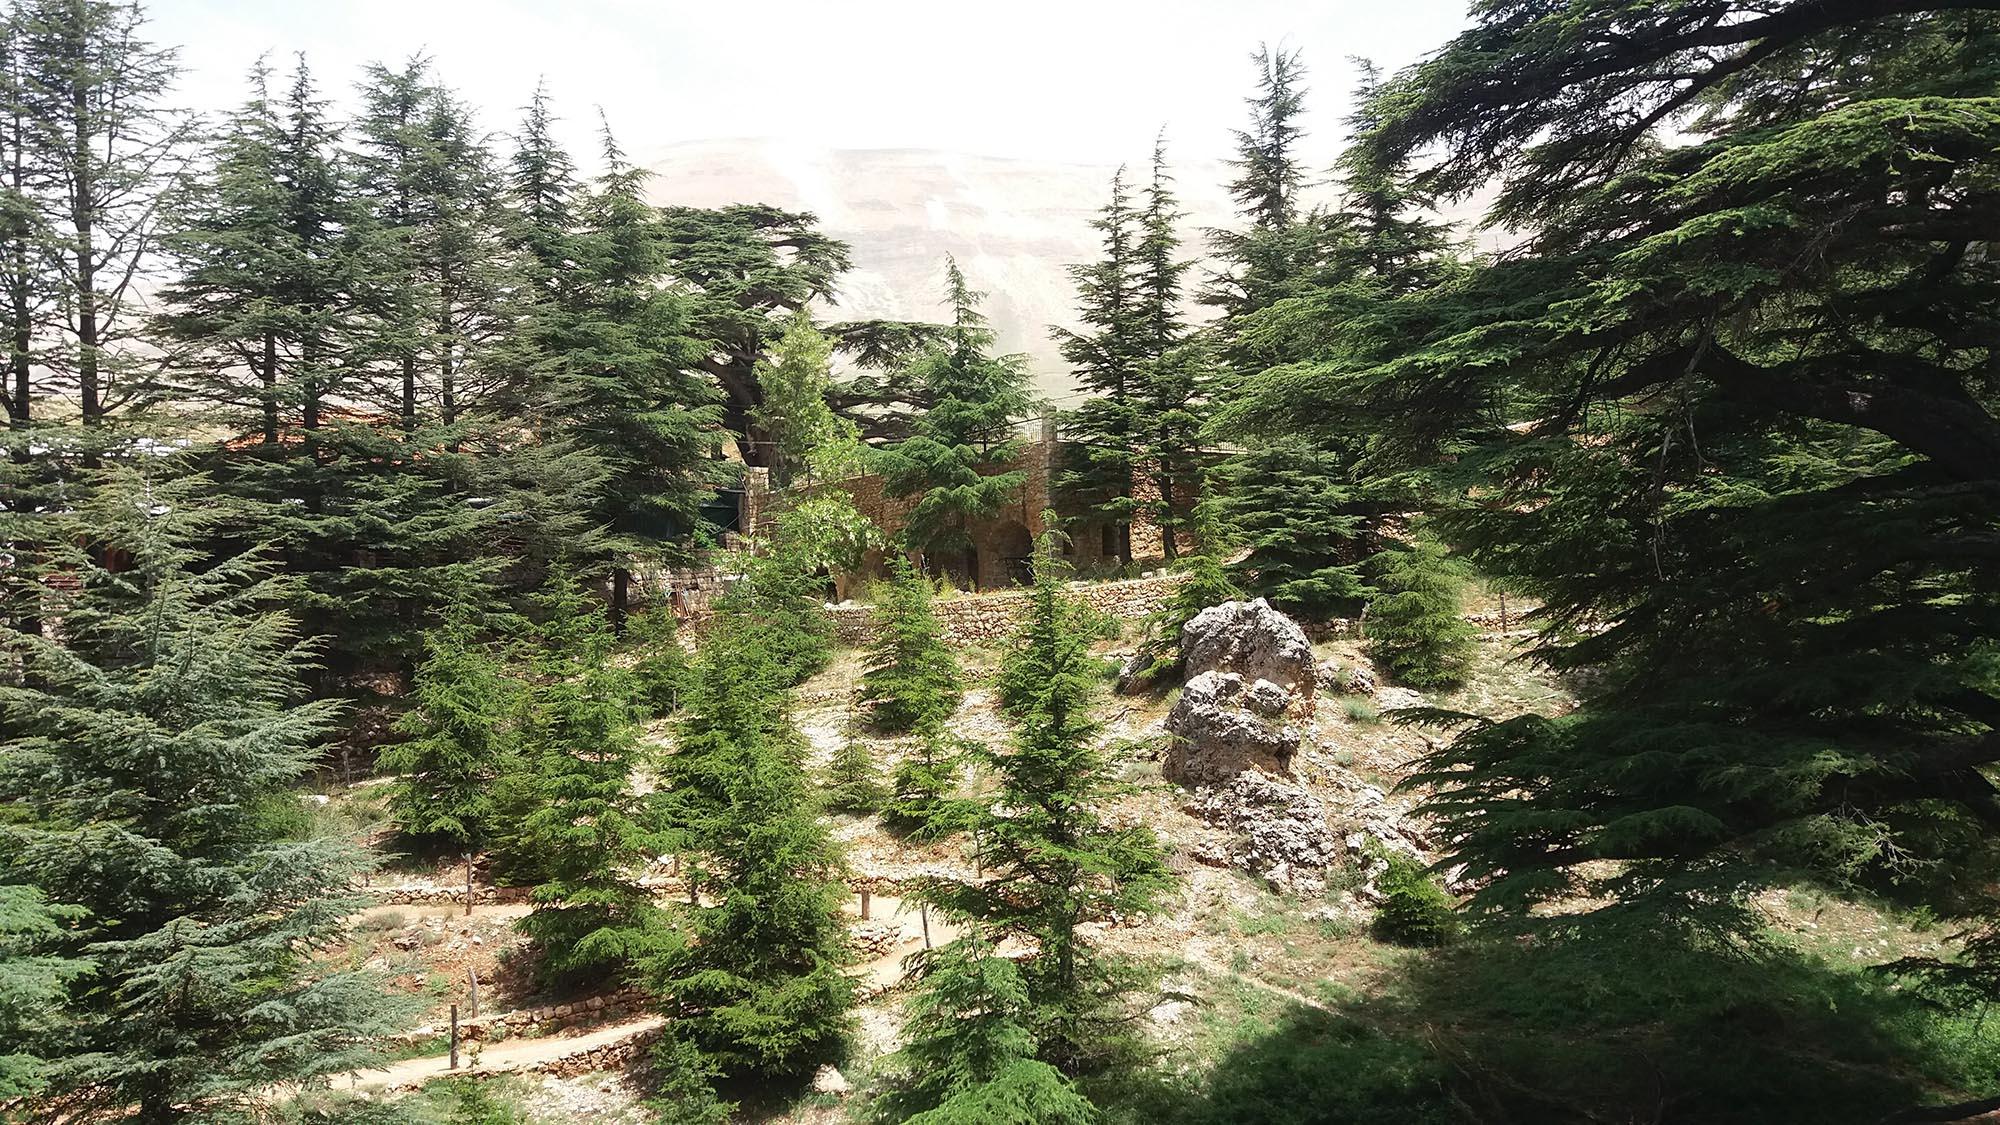 Libanon Cederbomen